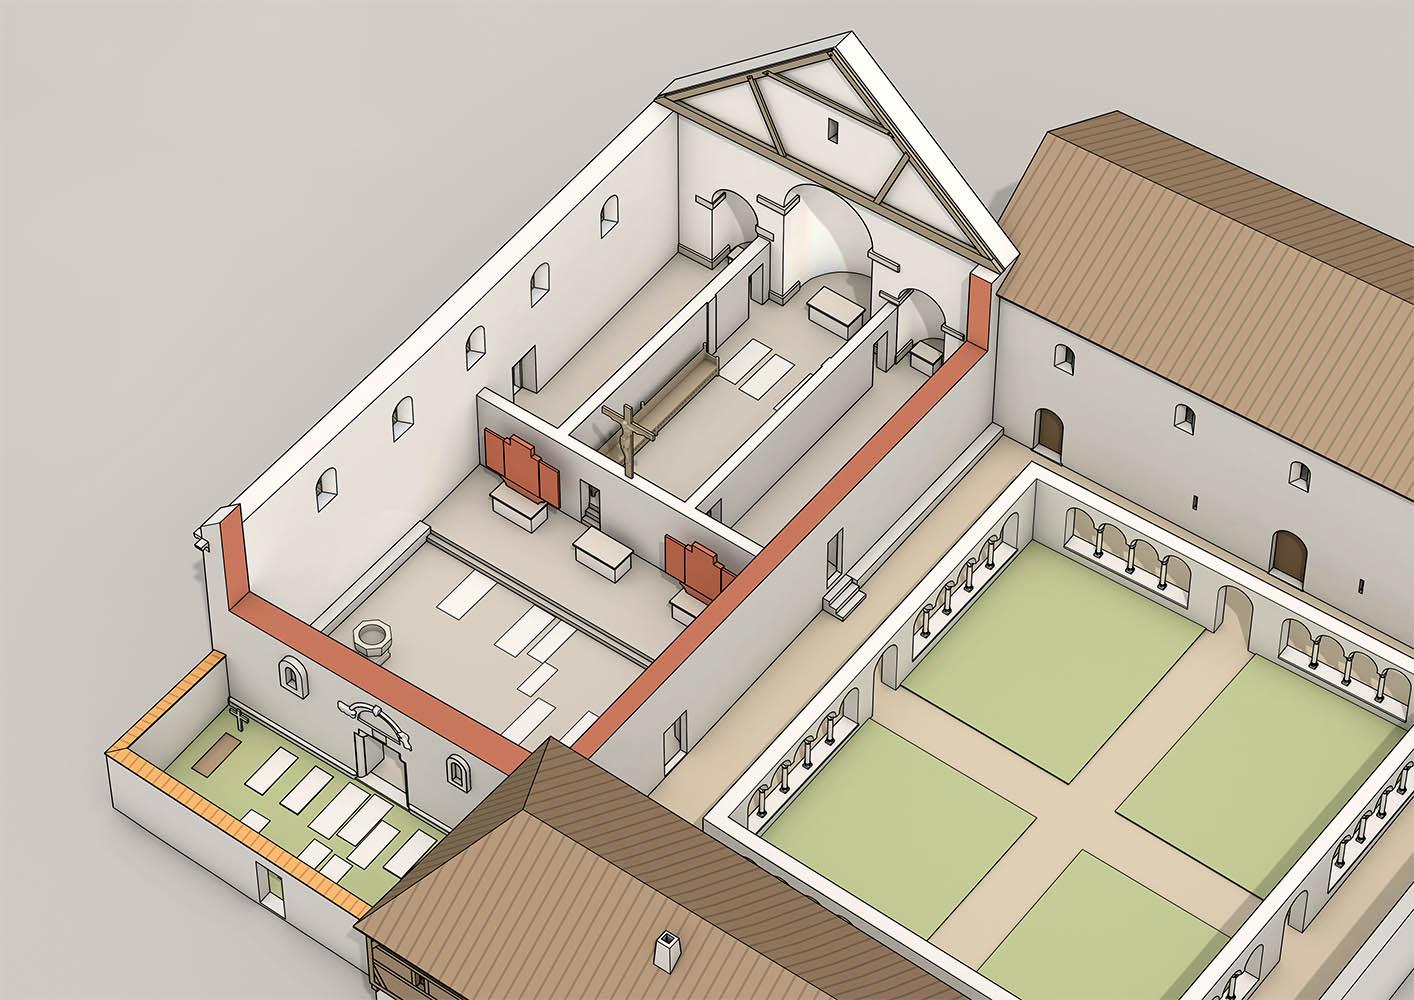 Letzte Ausbauphase des Klosterkirche Schöntal